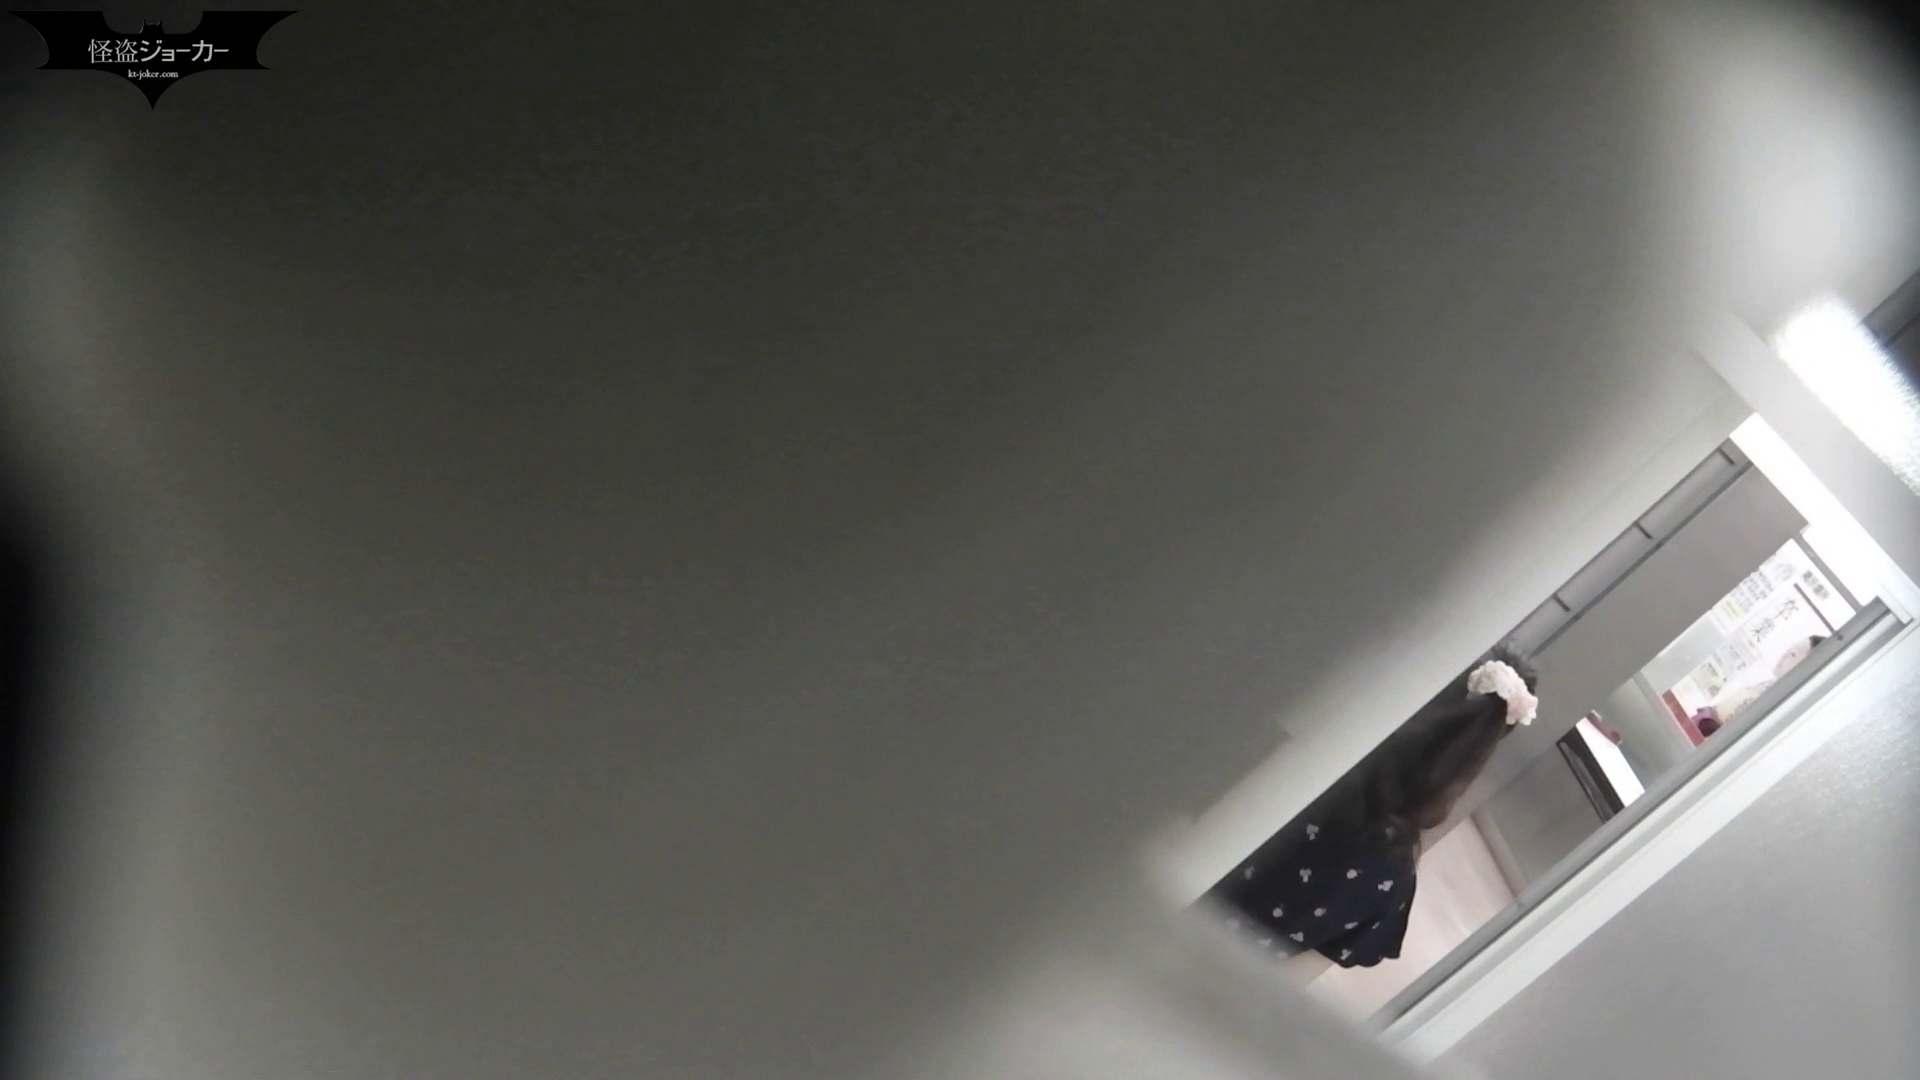 洗面所特攻隊 vol.047 モリモリ、ふきふきにスーパーズーム! お姉さん攻略 セックス無修正動画無料 113画像 28